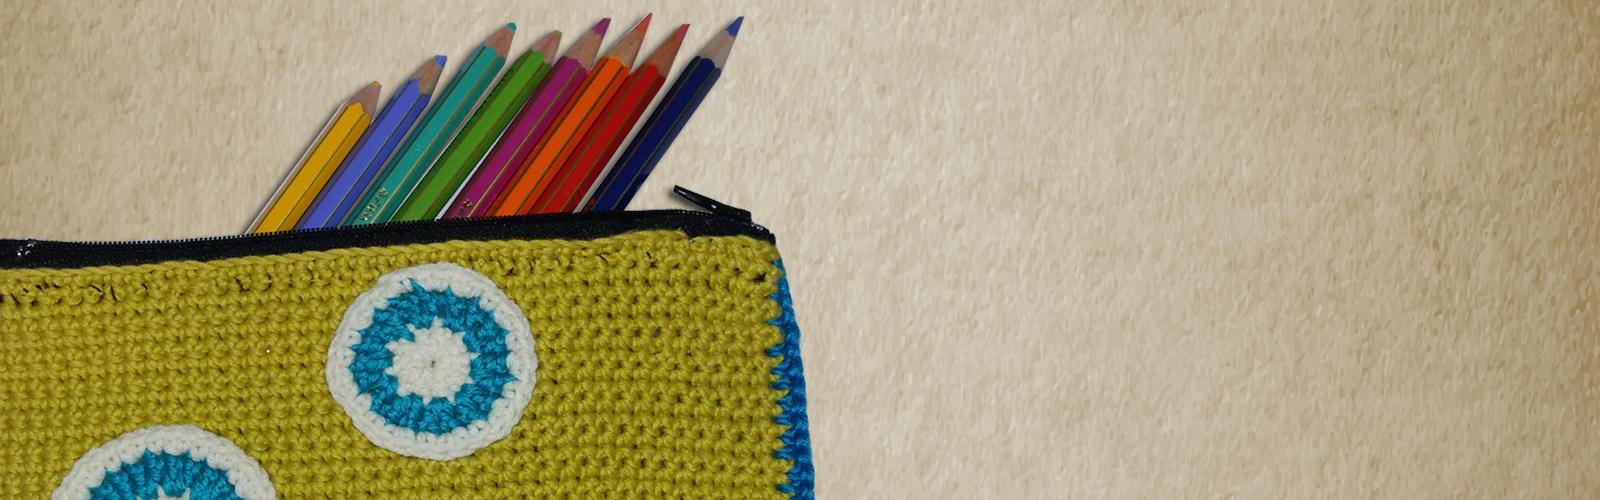 slider-pencil-2